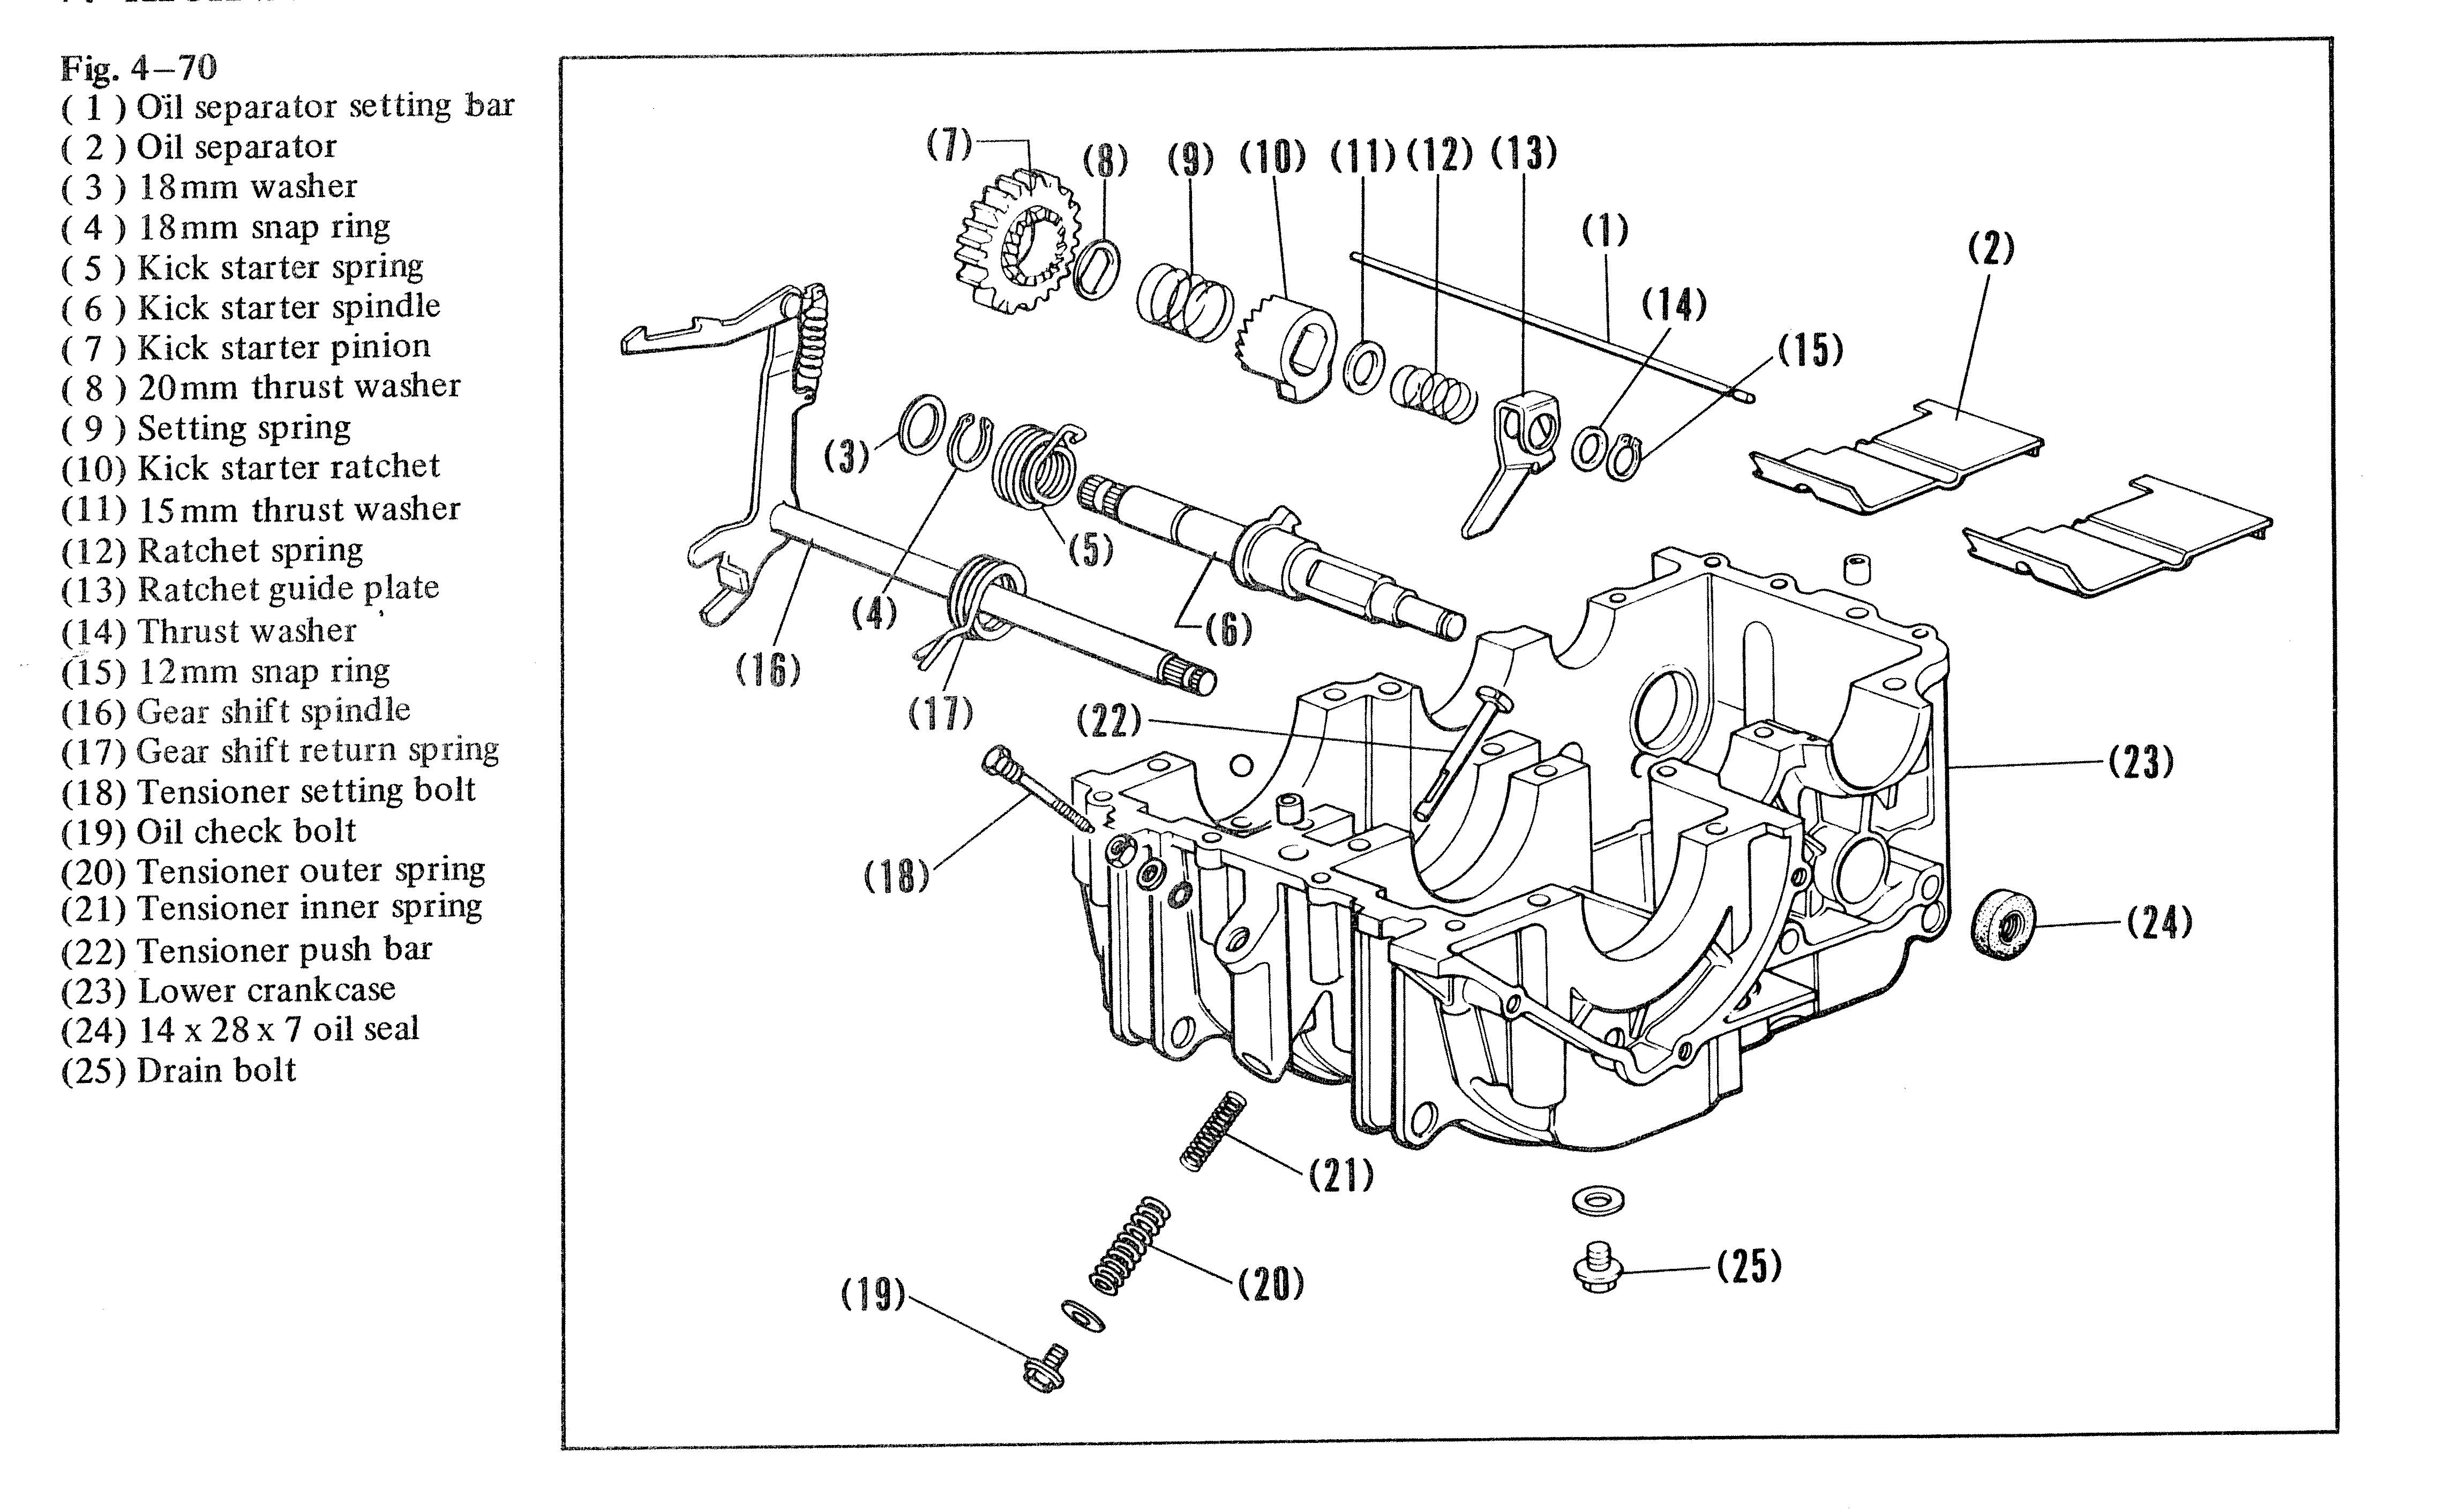 cb360 engine diagram custom wiring diagram u2022 rh littlewaves co